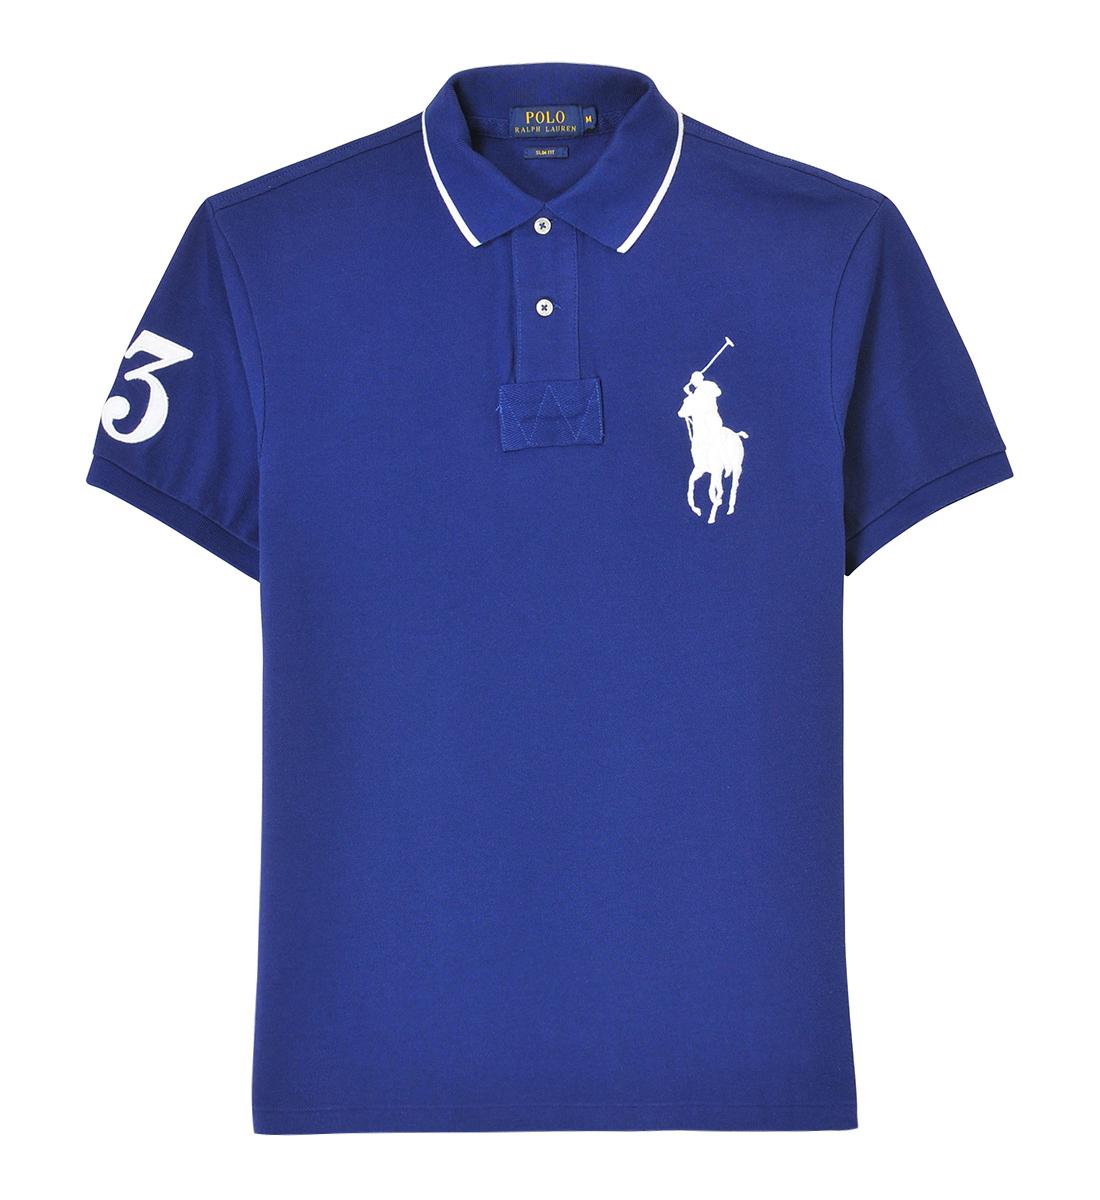 25d268c4c2a9b Acheter polo ralph lauren pas cher big pony original pas cher ici en ligne  avec le prix le plus bas possible. Remises spéciales sur les nouvelles  offres ...